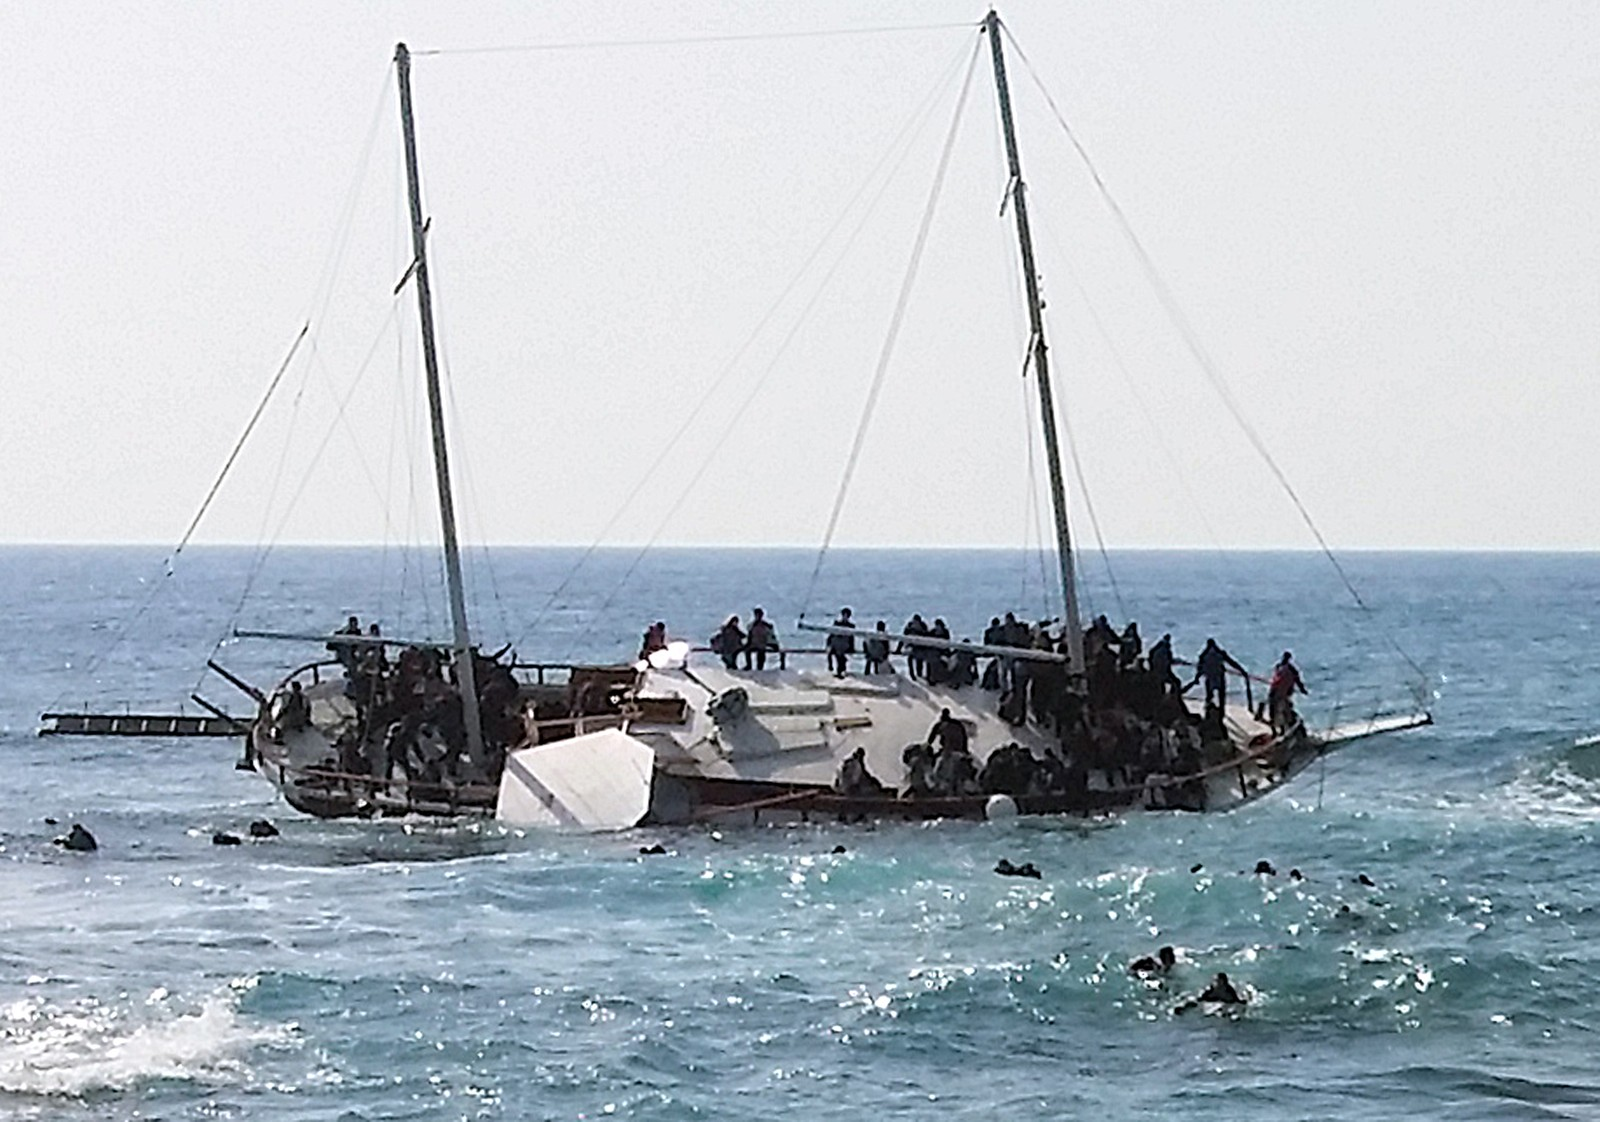 En seilbåt i tre med rundt 200 flyktninger ombord, forliste utenfor den greske øy Rhodos i dag. Mange blir reddet i land. Tre druknet: en mann, en kvinne og et barn. 20. april 2015.